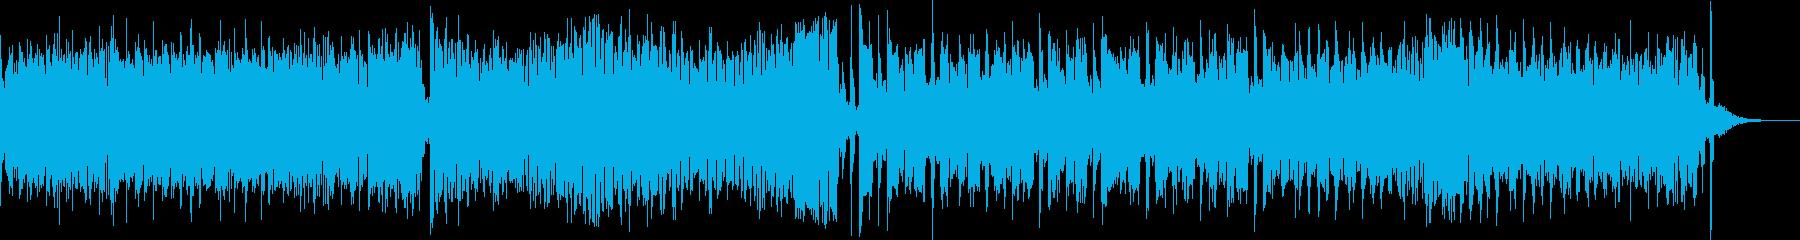 ホラーテイストのワルツの再生済みの波形